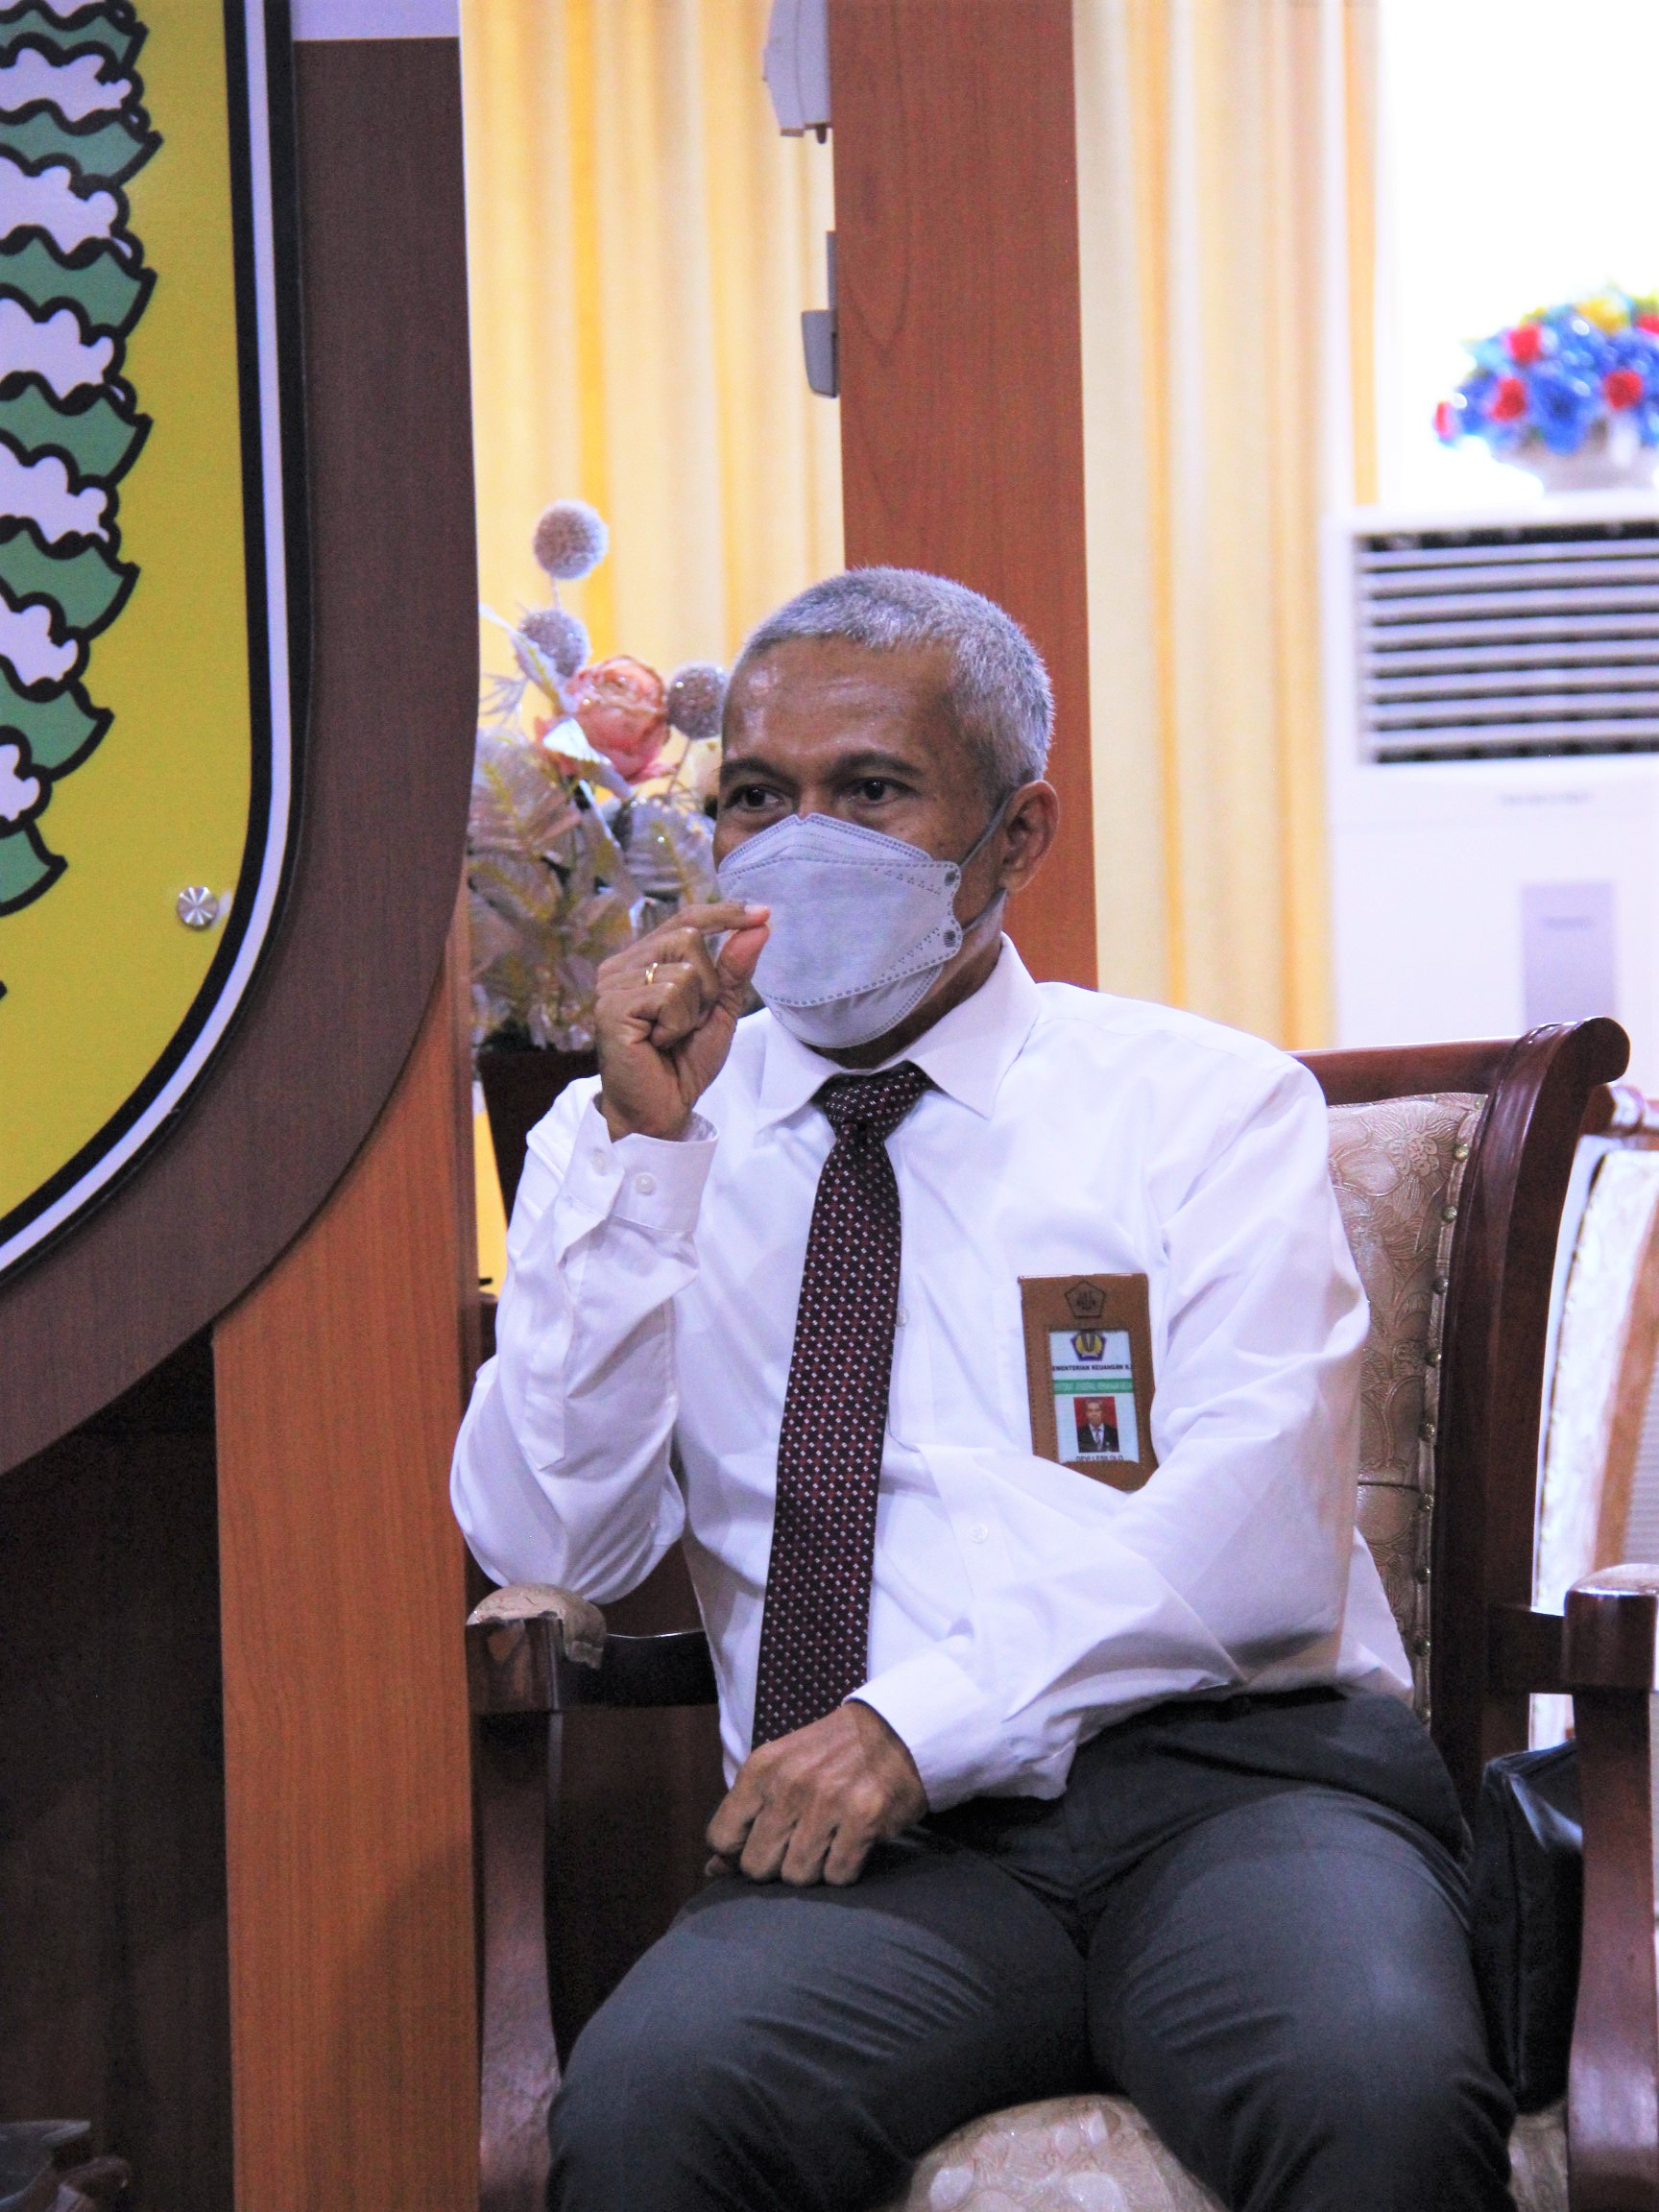 Perkenalkan Tusi, KPKNL Palu Tegaskan Siap Bersinergi dengan Pemerintah Provinsi Sulawesi Tengah